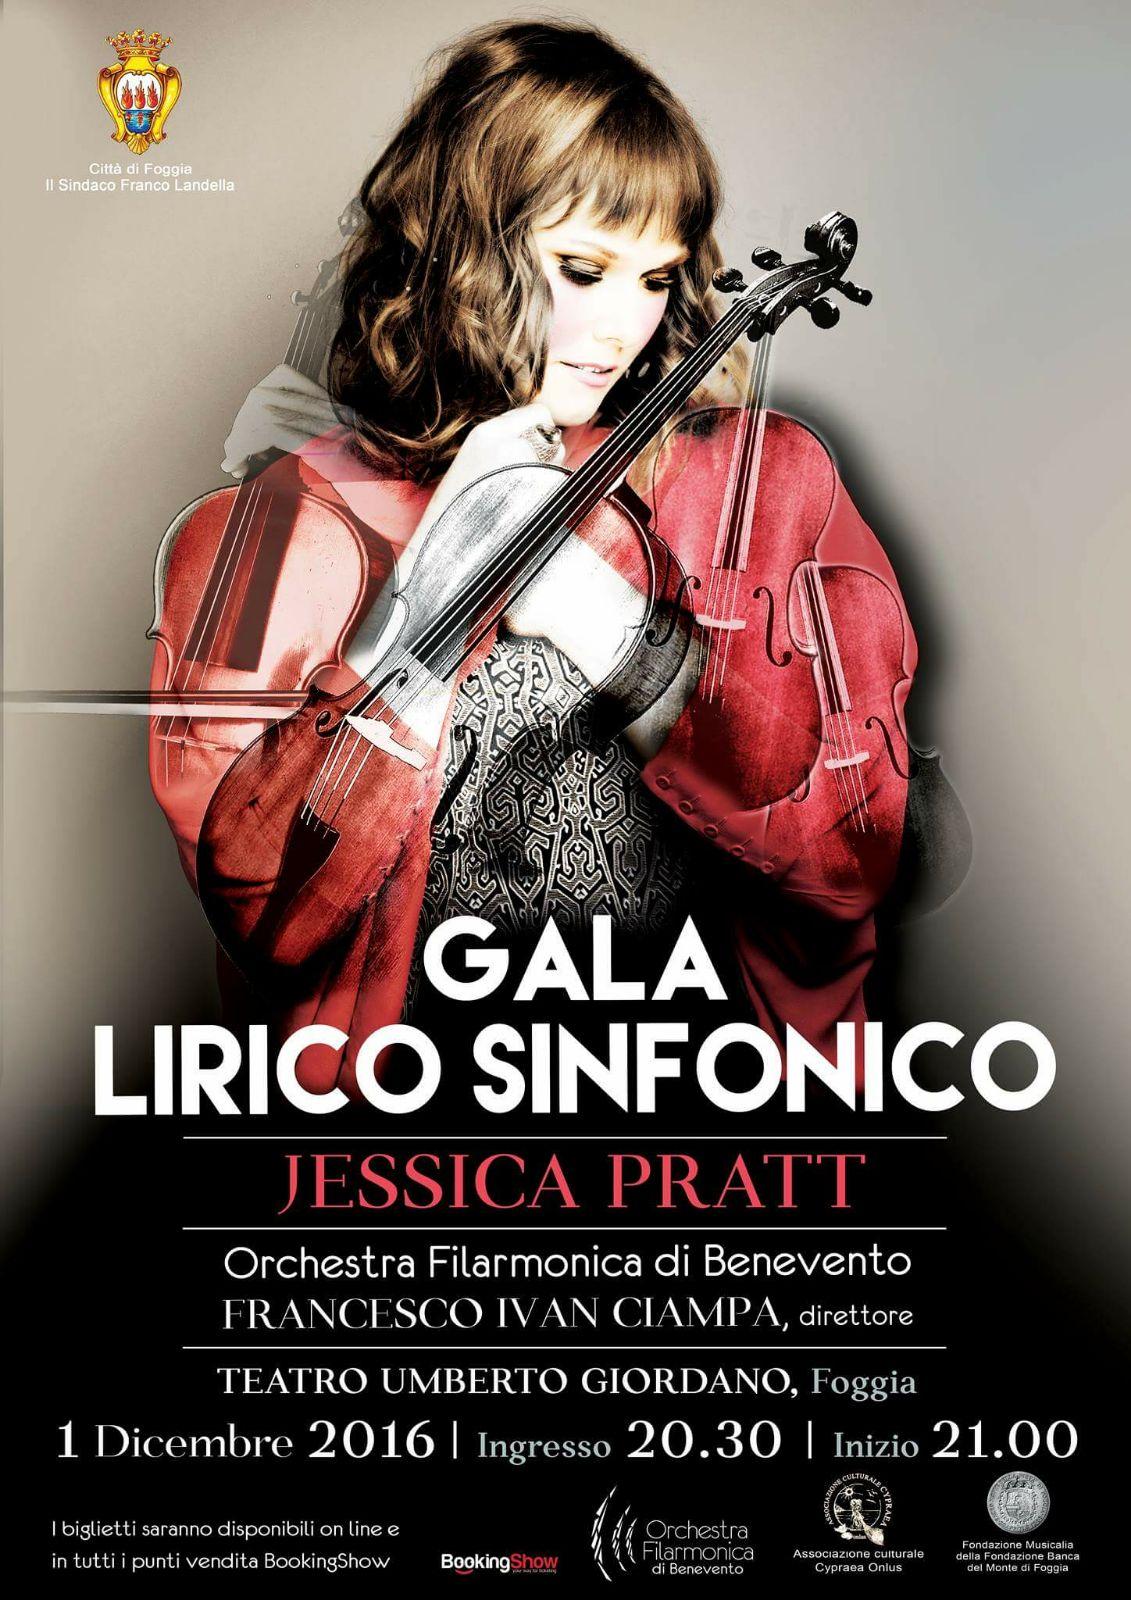 Orchestra Filarmonica di Benevento, giovedì galà con Jessica Pratt